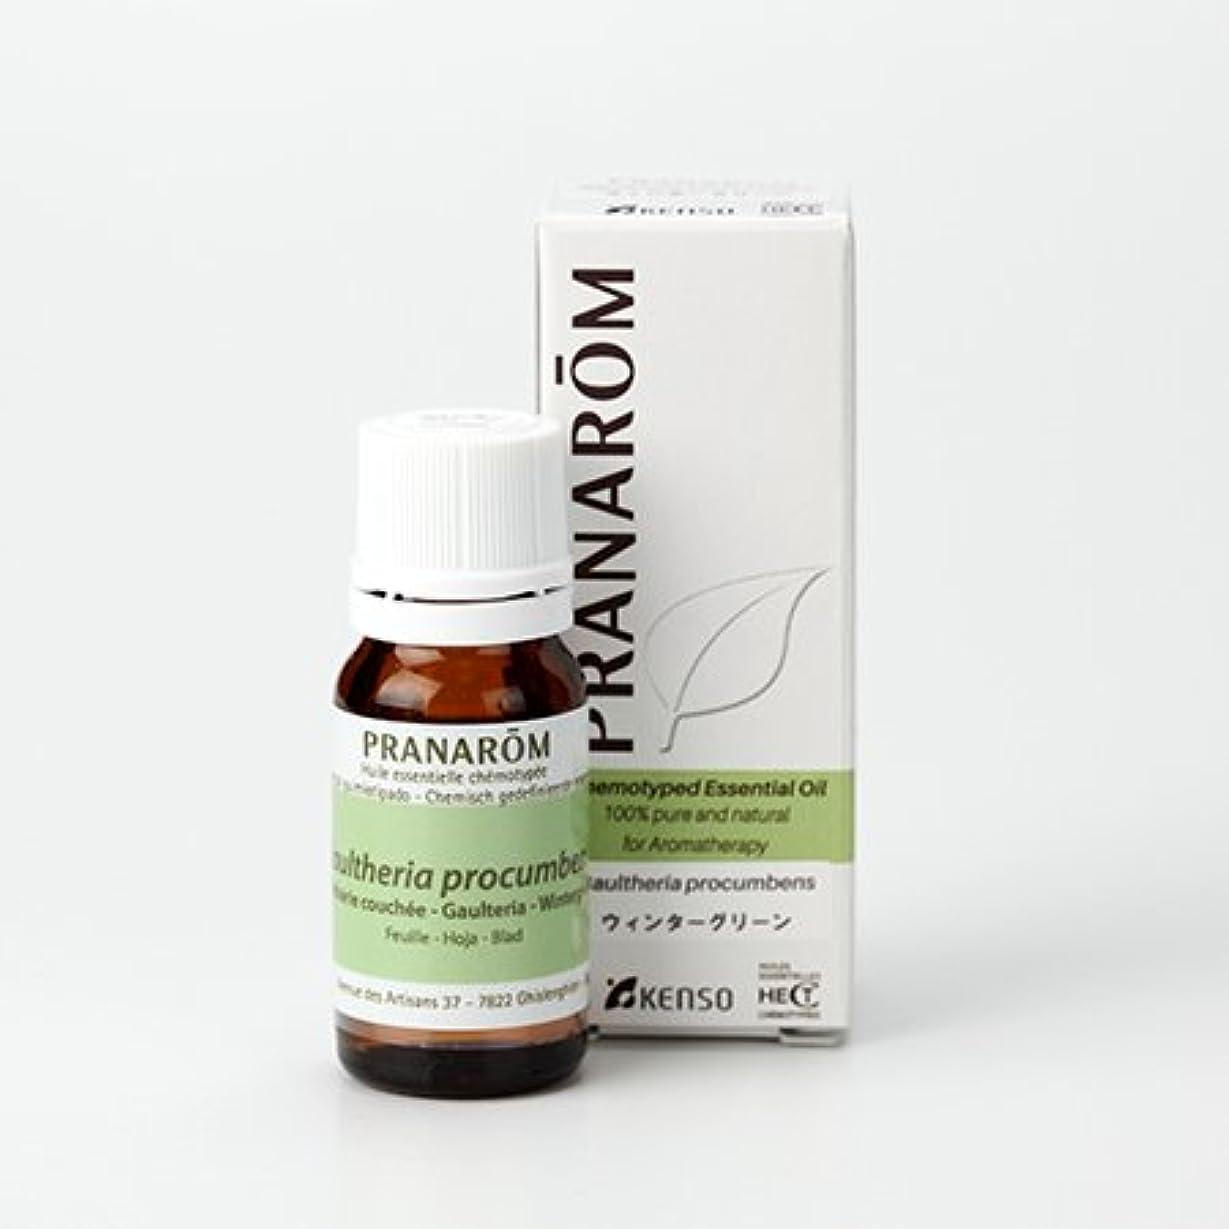 蒸発する排泄する冒険者プラナロム ( PRANAROM ) 精油 ウィンターグリーン 10ml p-76